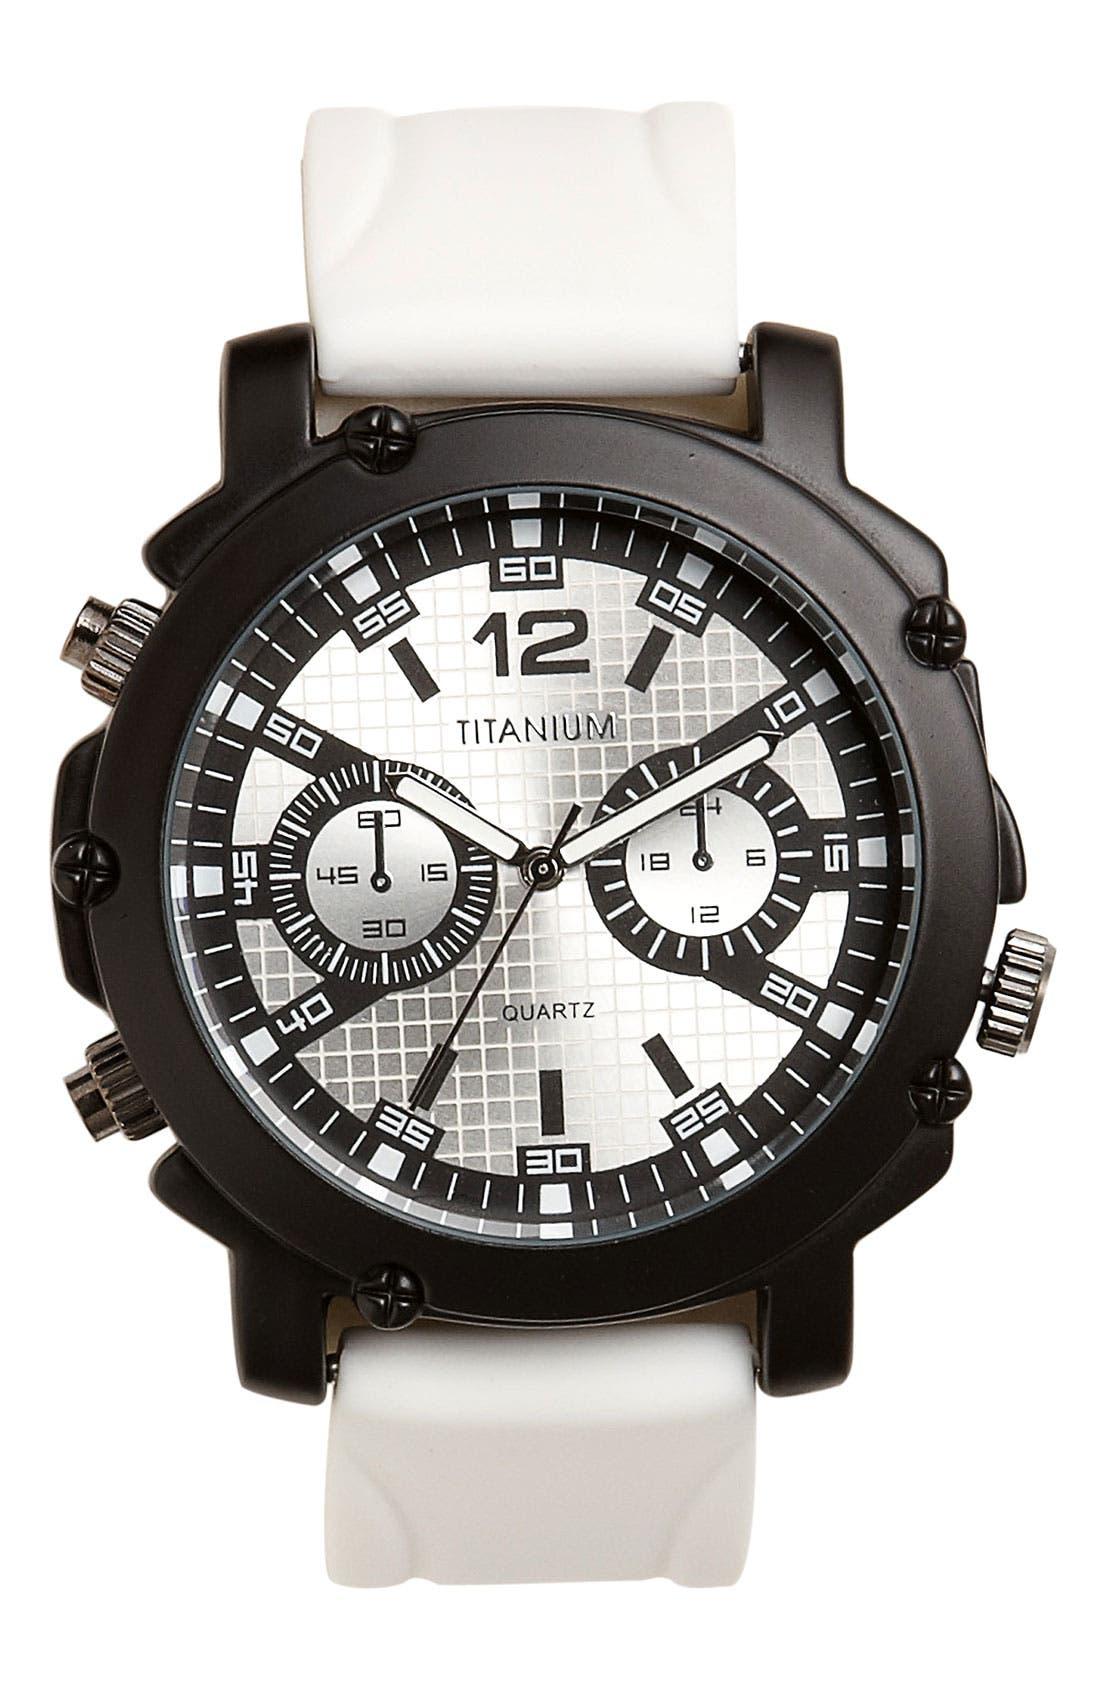 Main Image - Titanium Neon Marker Analog Watch, 50mm